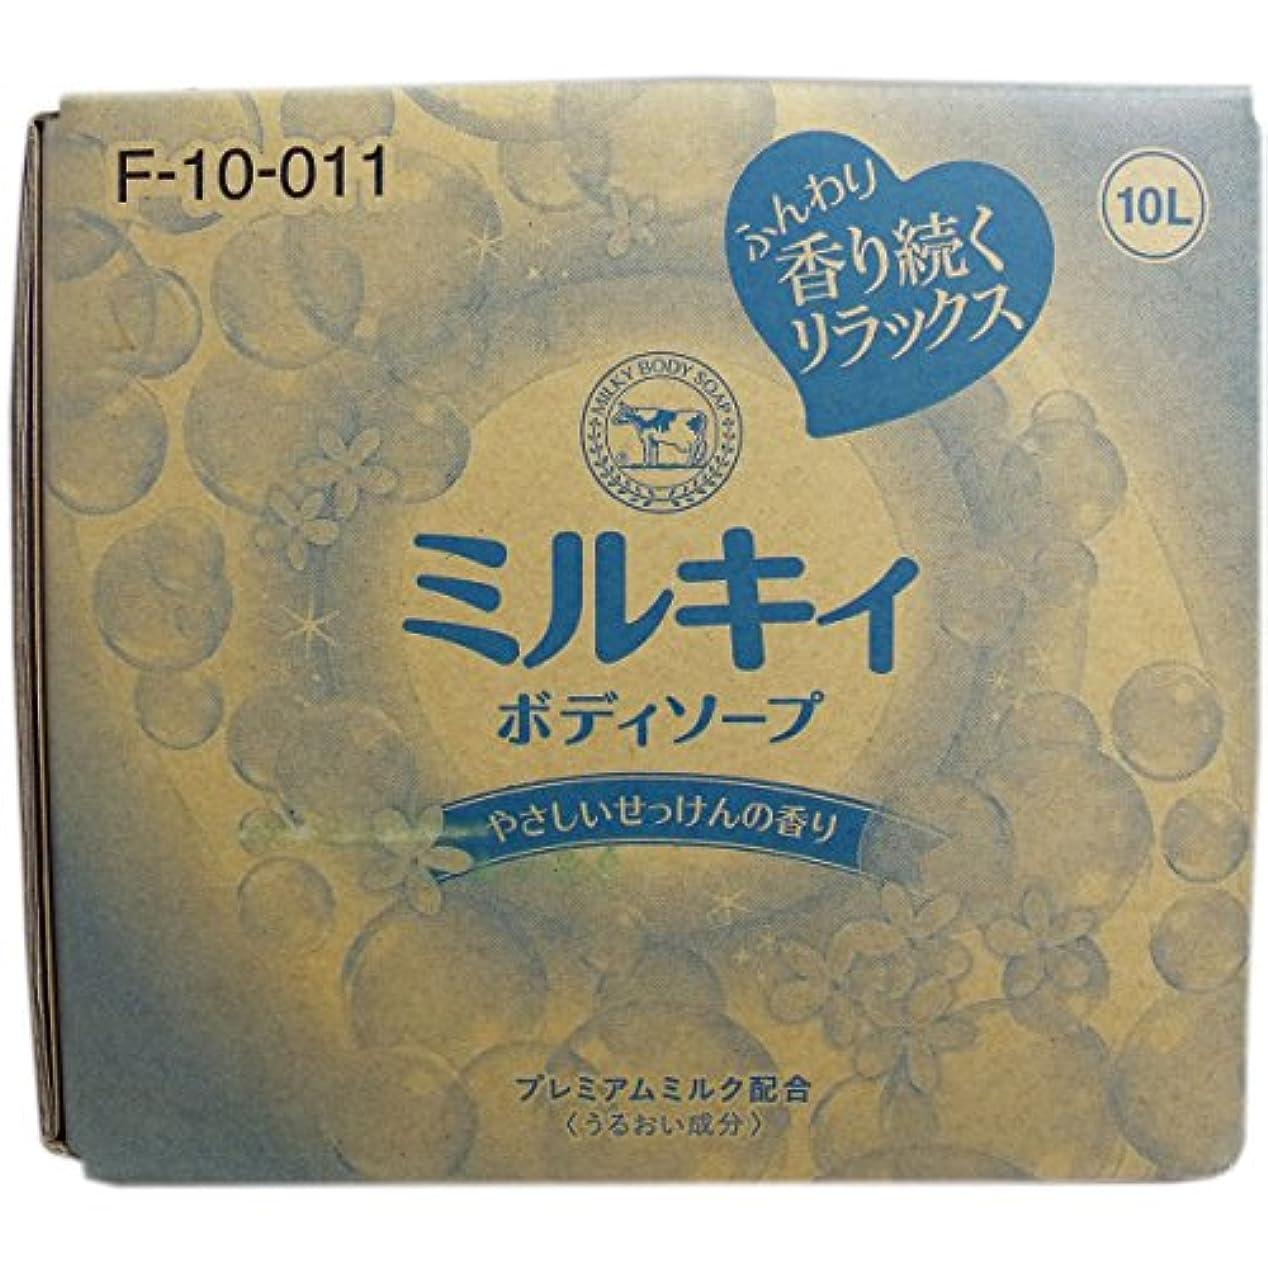 ぴったり献身乏しいミルキィ ボディソープ やさしいせっけんの香り 業務用 10L